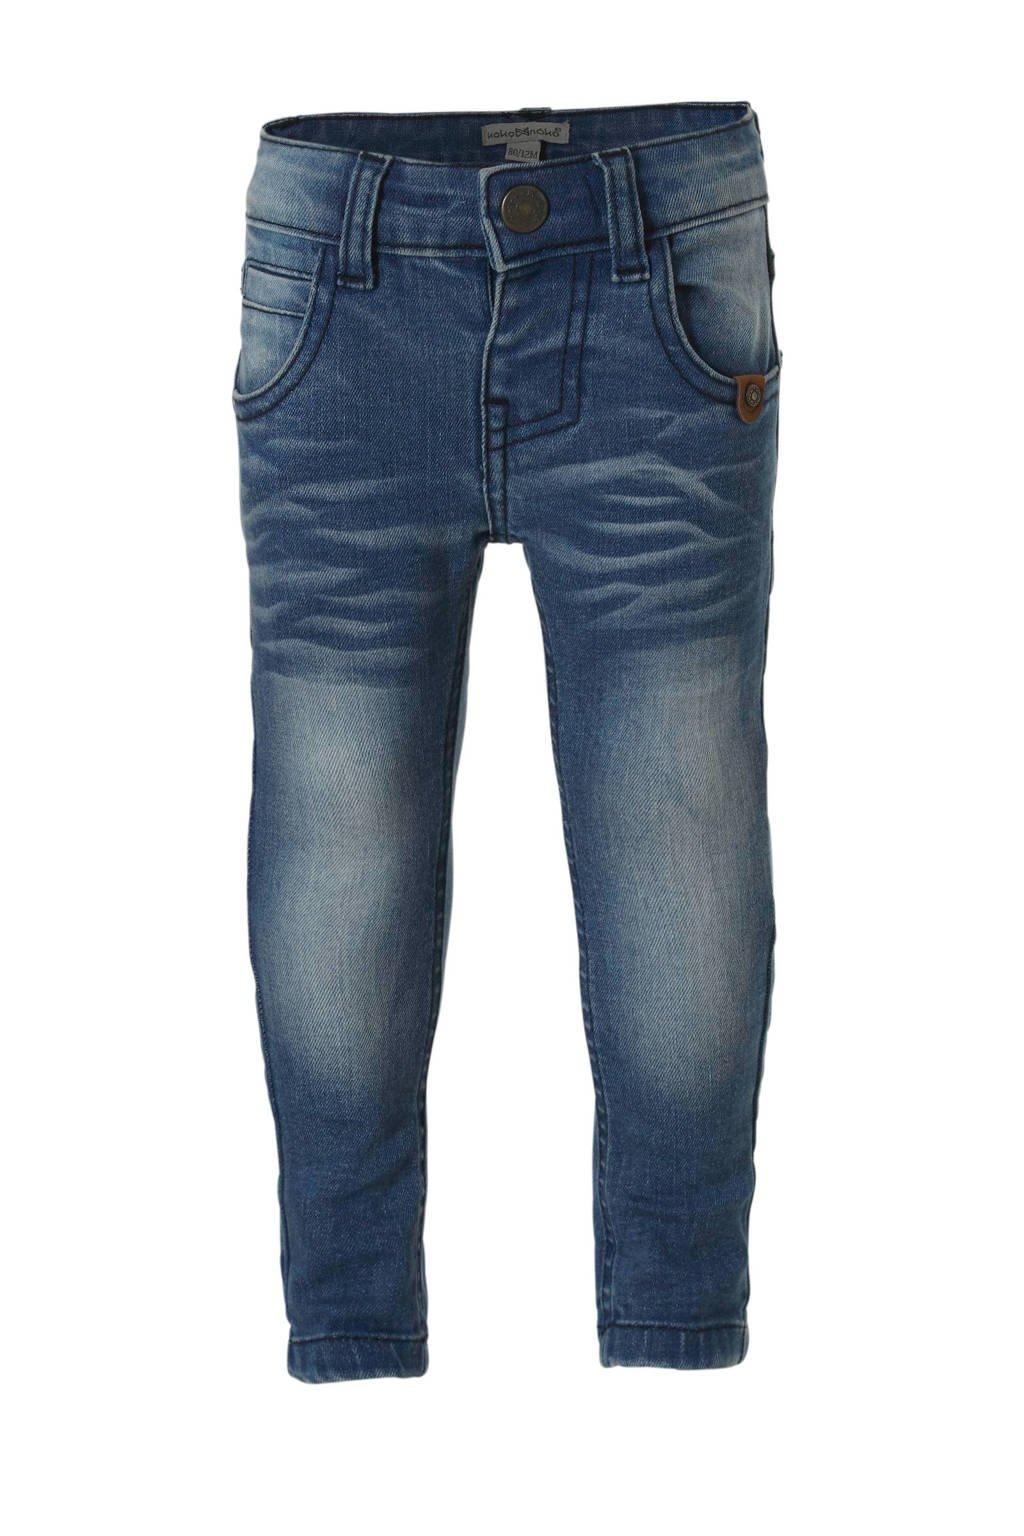 Koko Noko skinny jeans, Stonewashed